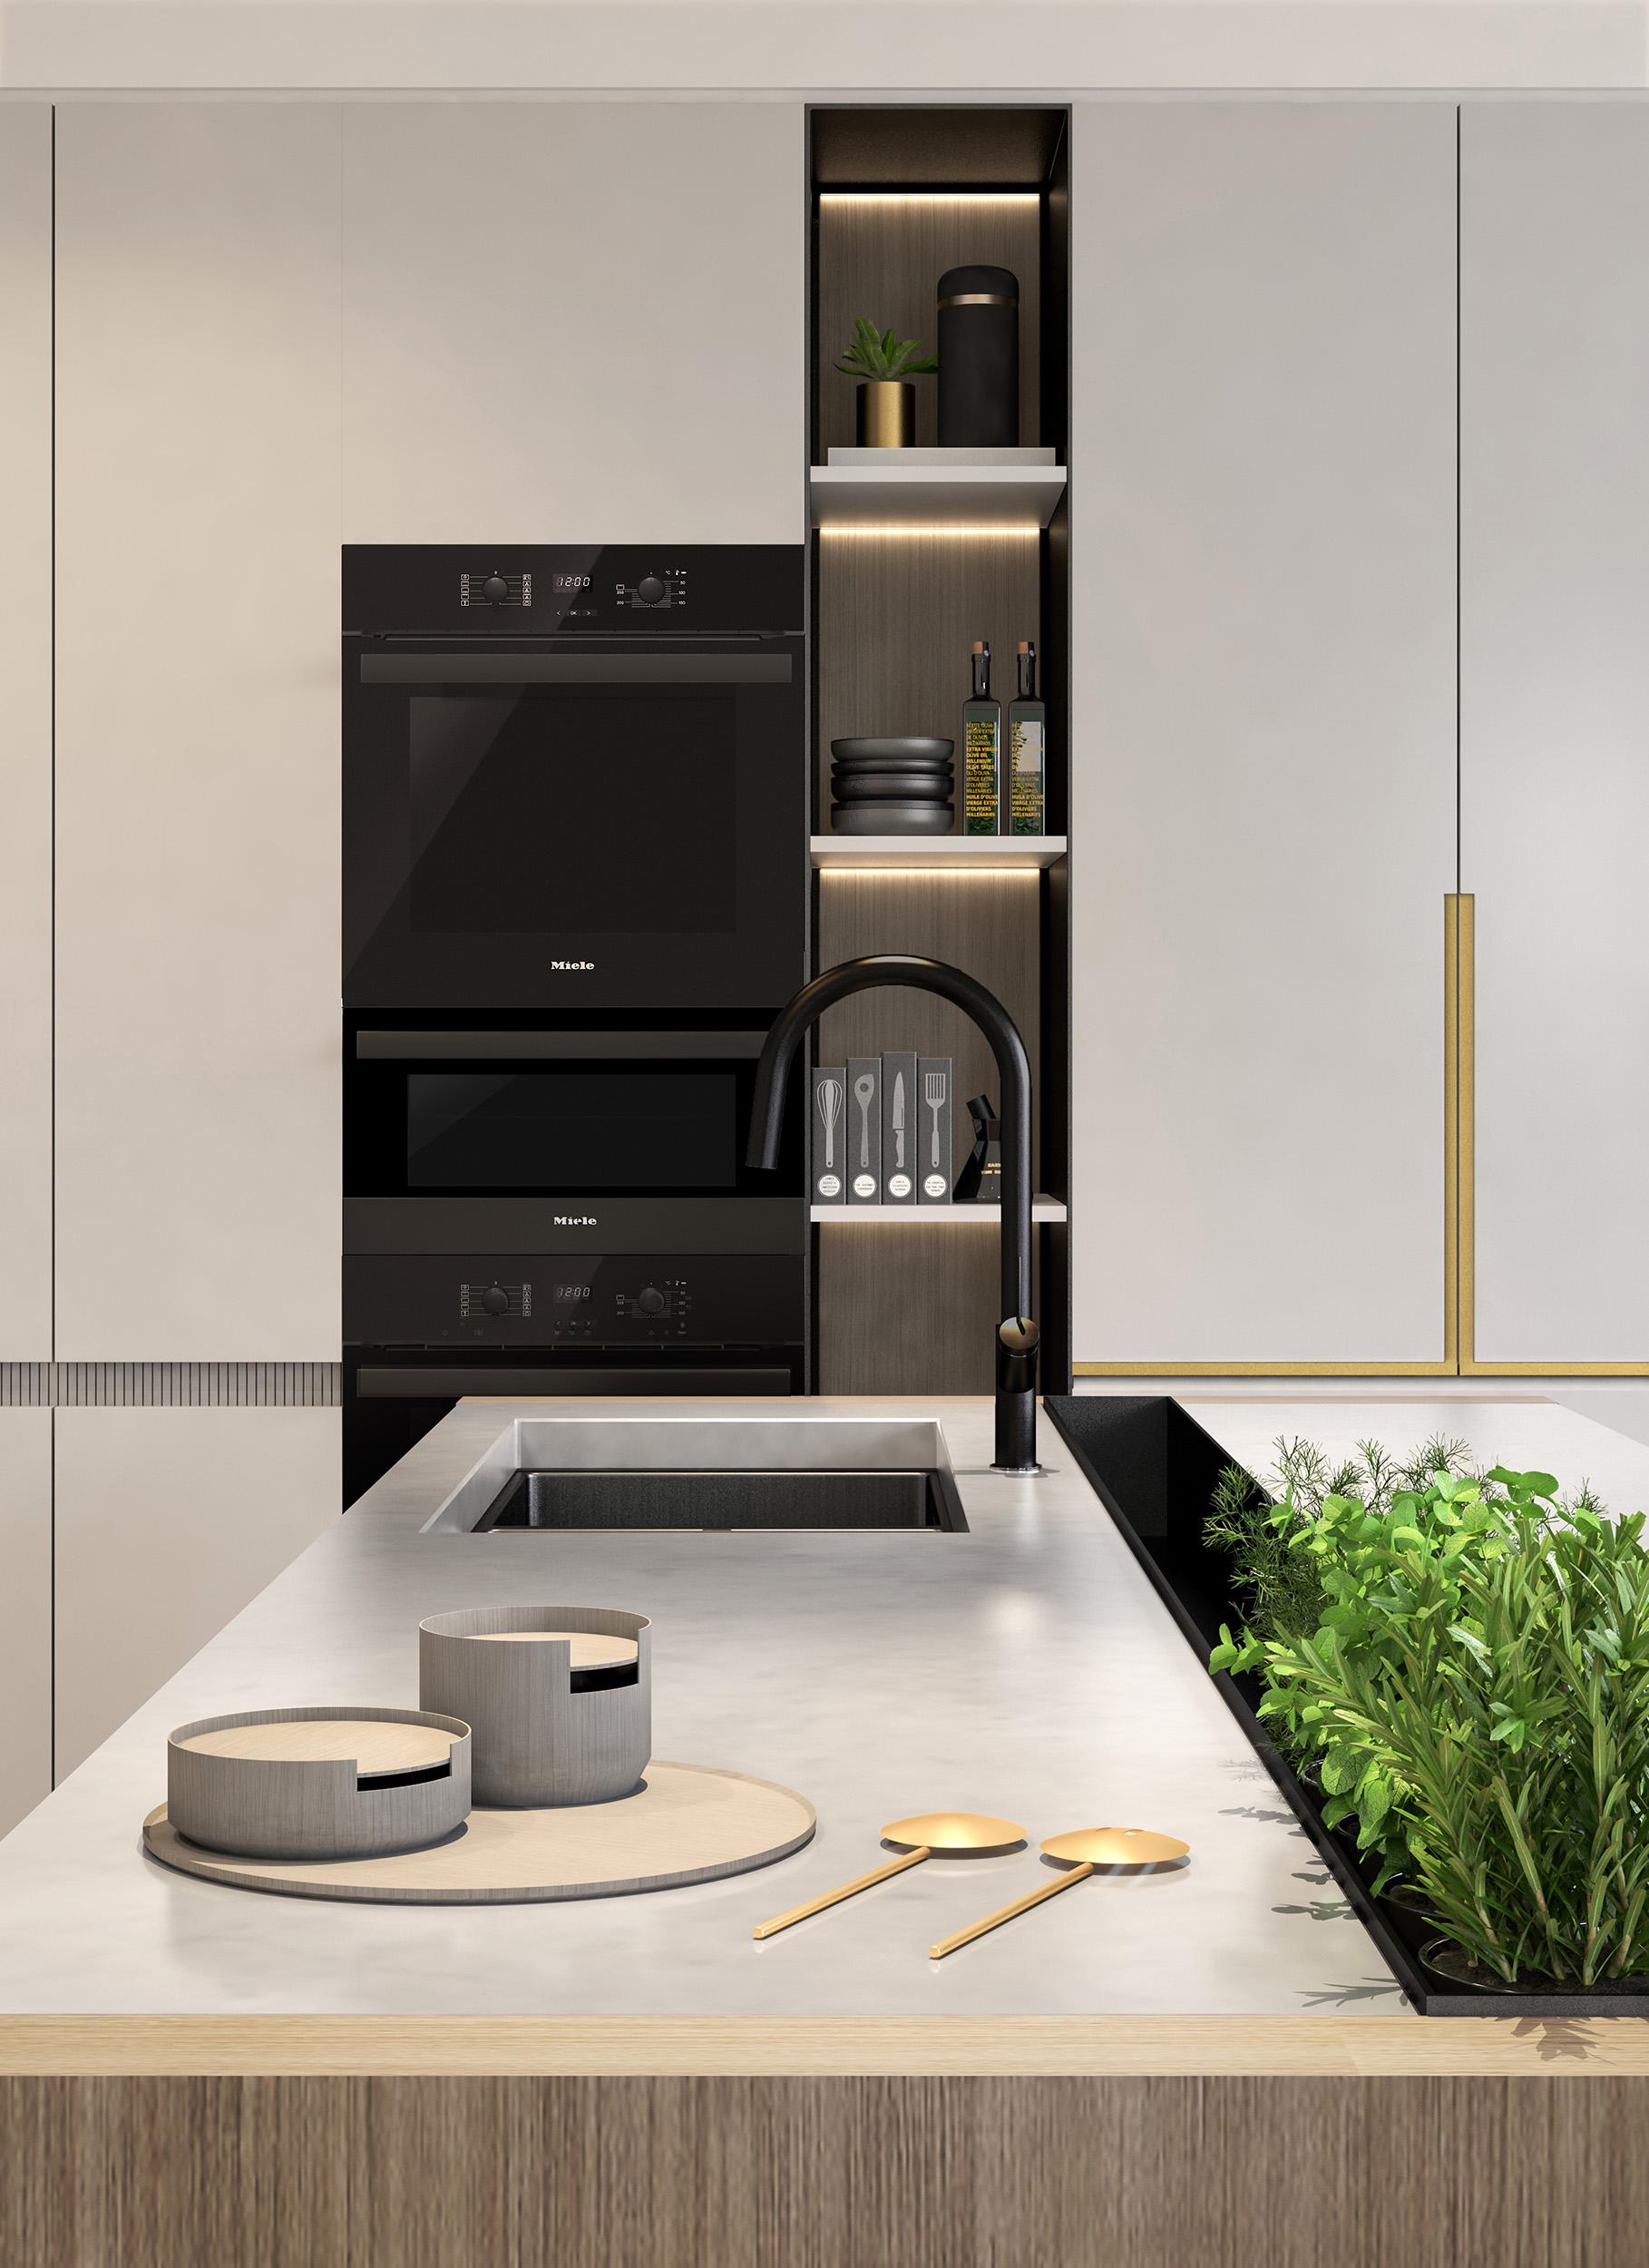 Well St - Apartment 1 - Kitchen Detail - Light Scheme MR.jpg